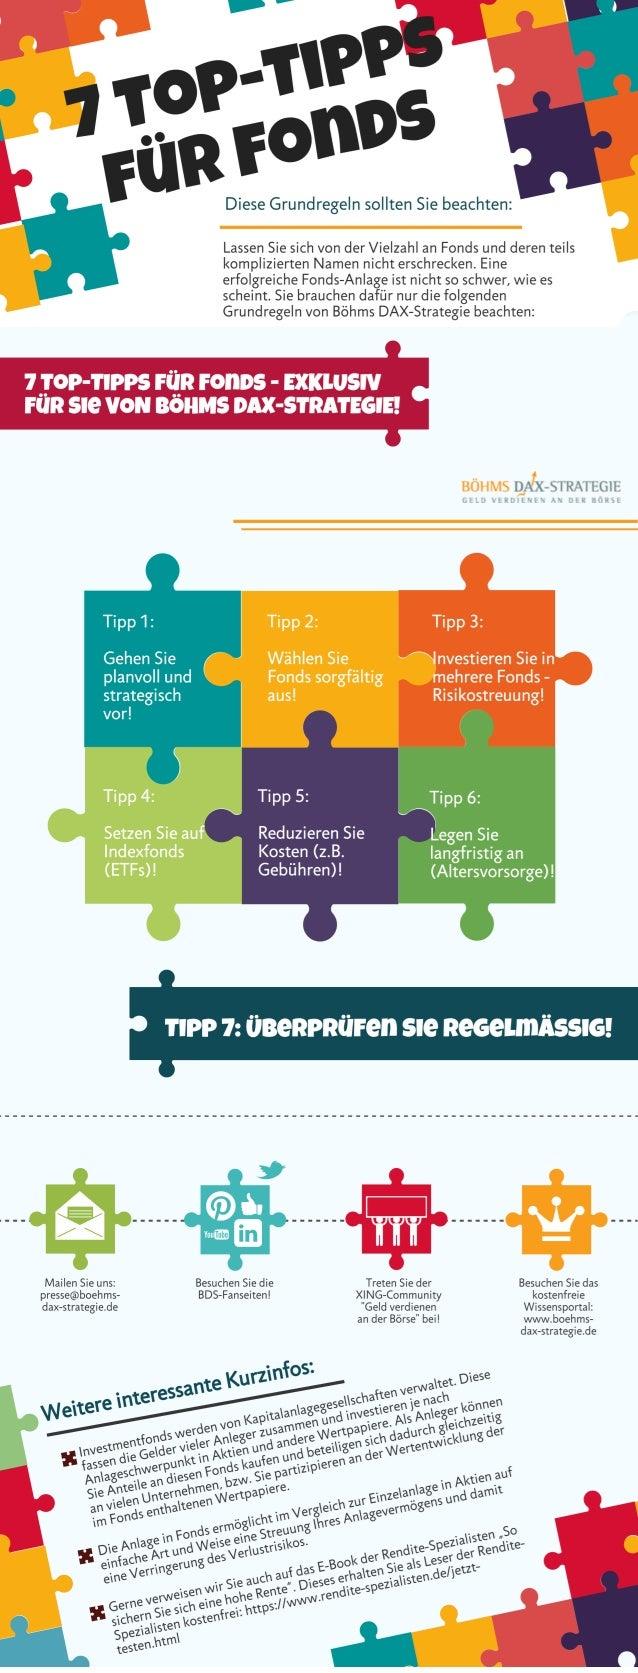 7 Top-Tipps für Fonds von Böhms DAX-Strategie